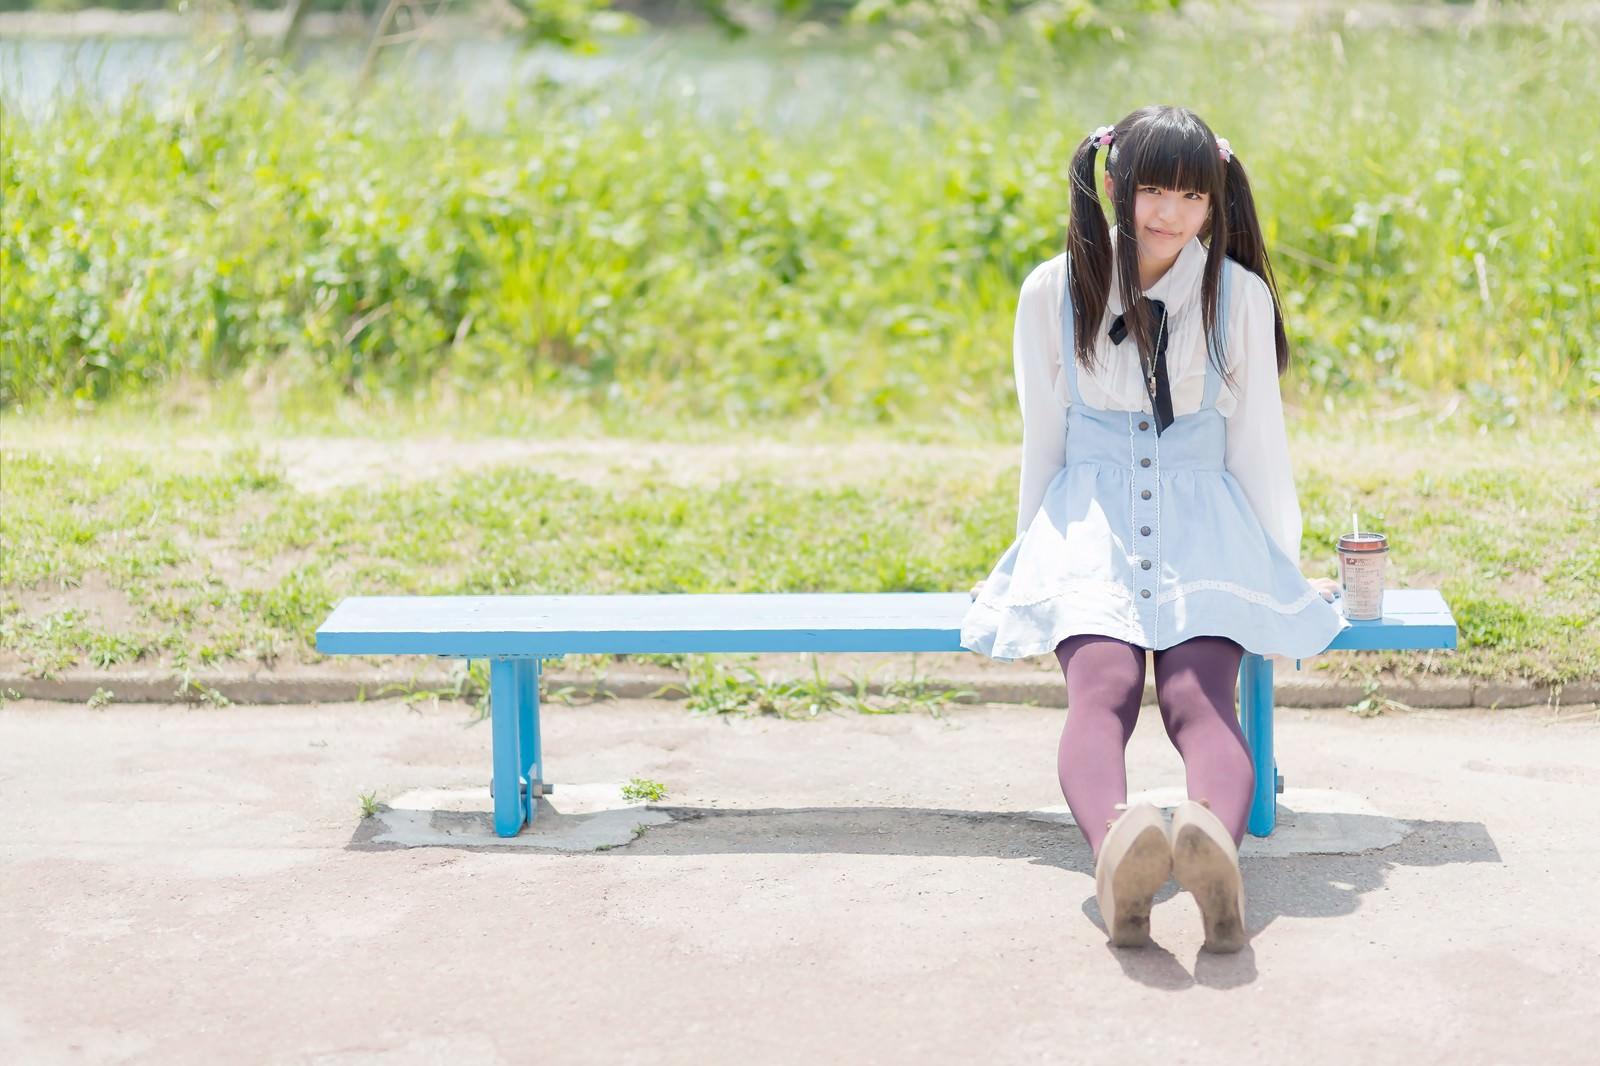 「ベンチに座るツインテールの女の子ベンチに座るツインテールの女の子」[モデル:こころ]のフリー写真素材を拡大